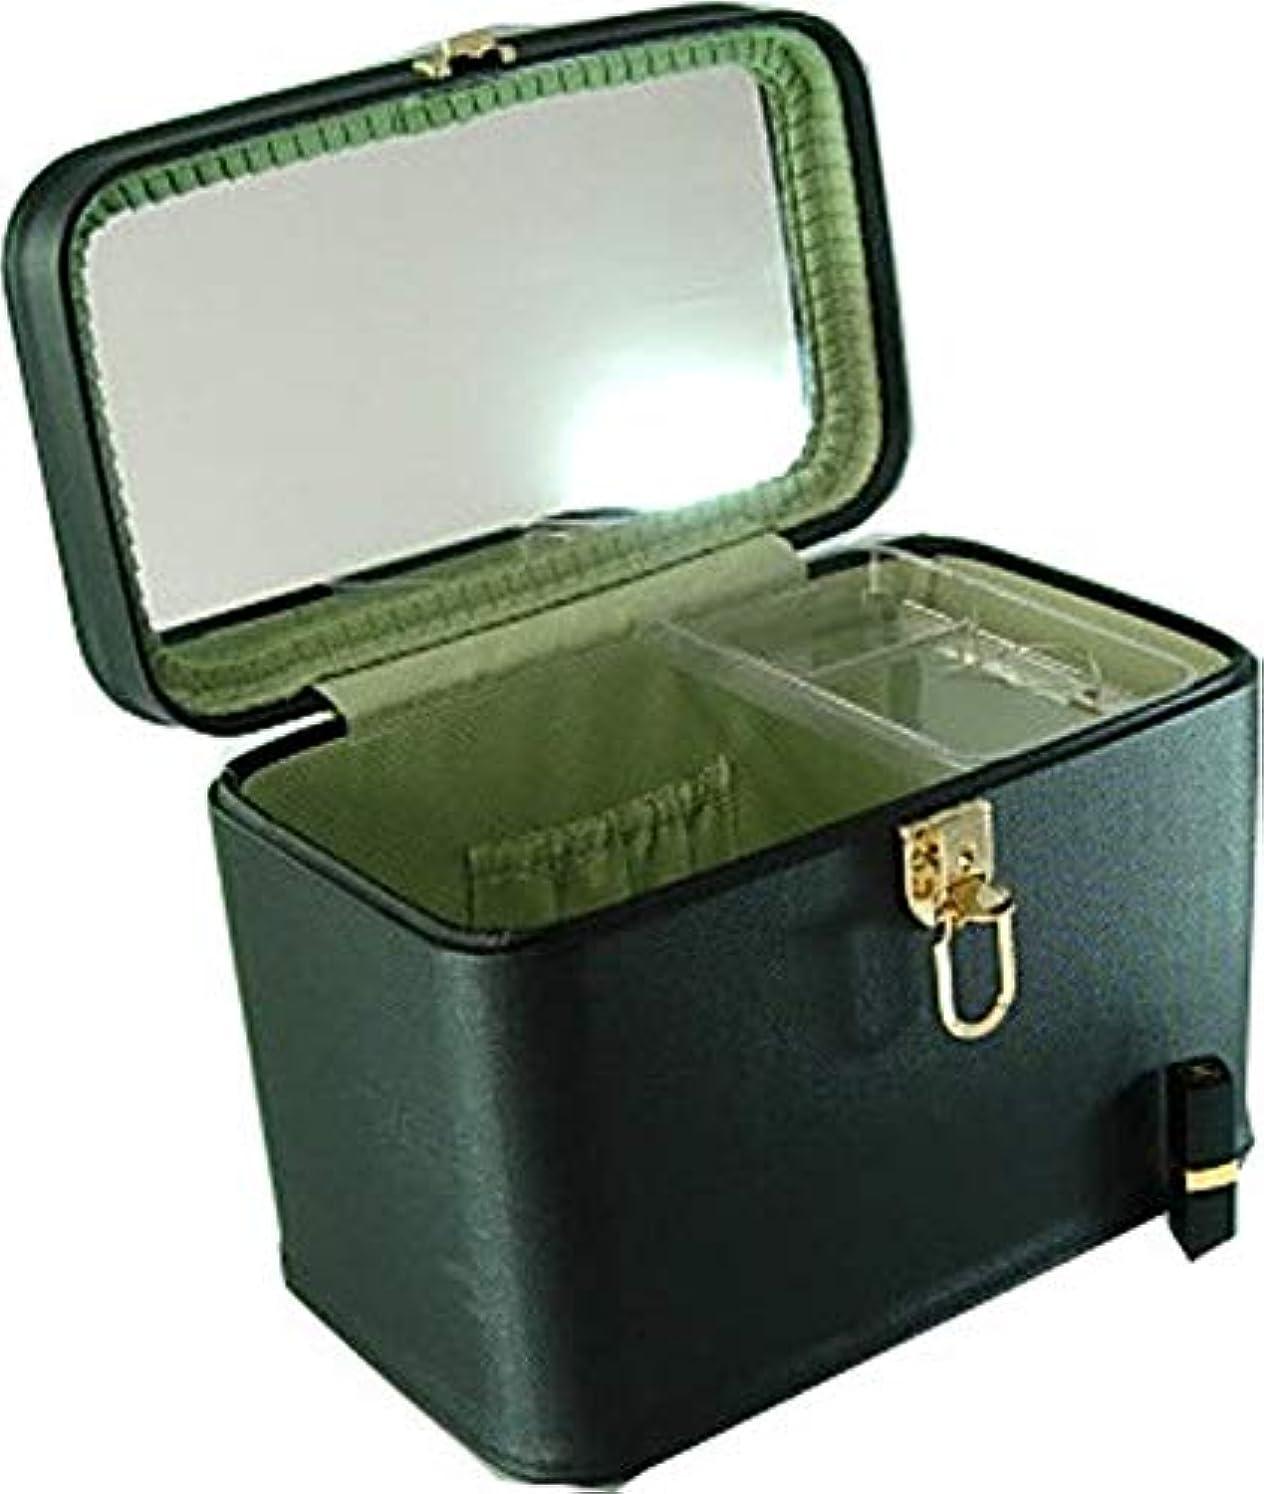 モンゴメリー木曜日アレルギー性メイクボックス コスメボックス トリプルG2 33cm ヨコパールブラック 日本製 メイクボックス,コスメボックス,メイクアップボックス,トレンチケース,お化粧入れ,化粧雑貨,メーキャップボックス,化粧箱,かわいい,メイク...